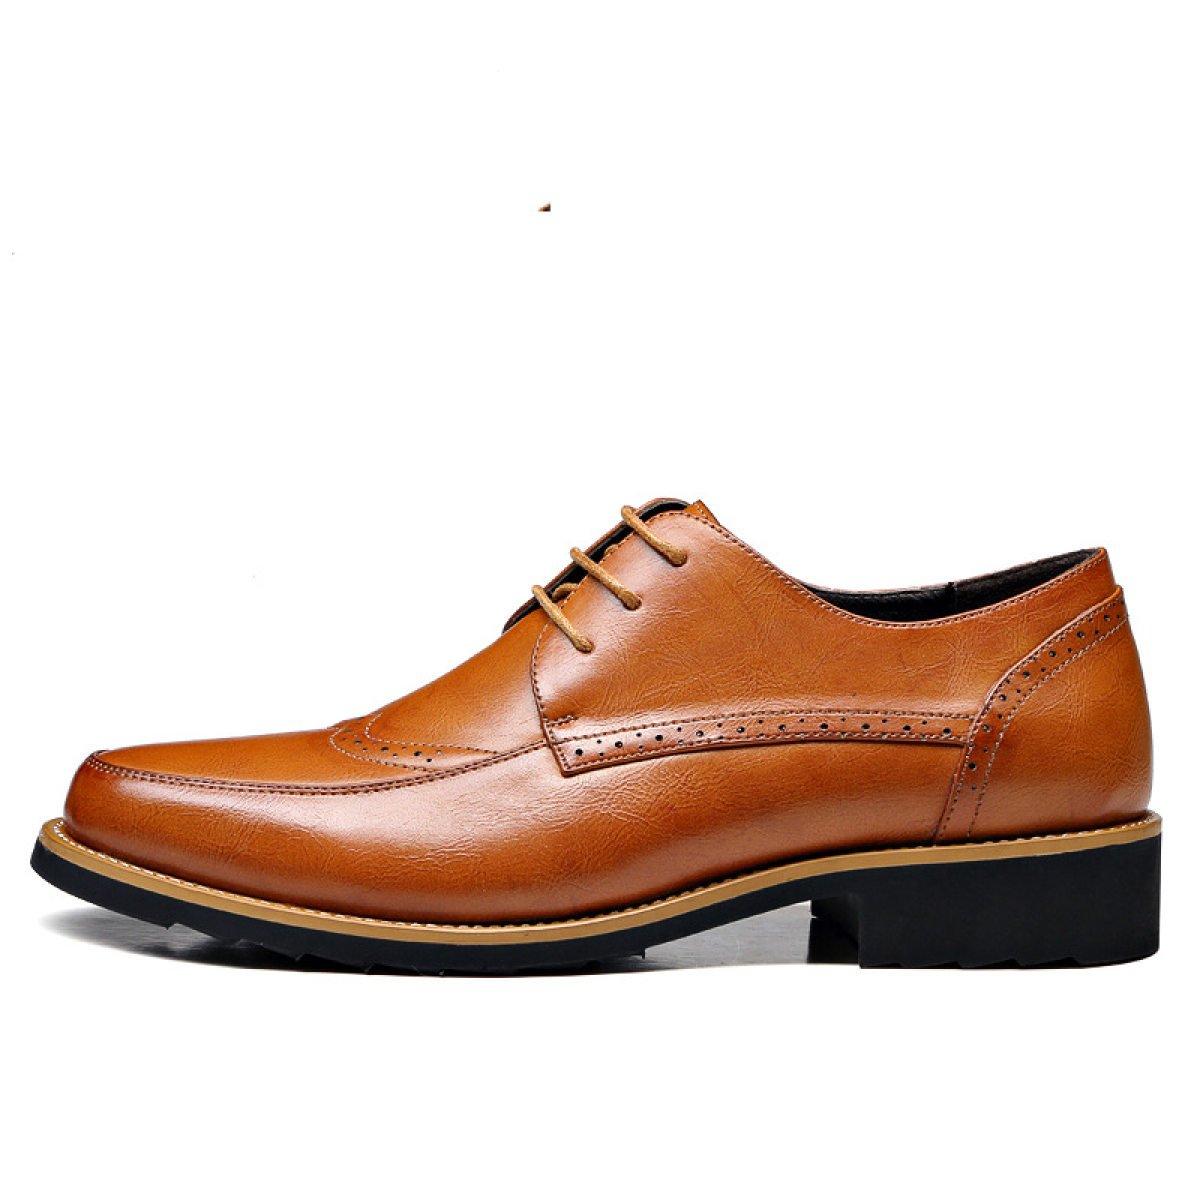 Herrenschuhe Retro Geschnitzt Leder Anzüge Yellow Freizeitschuhe England Atmungsaktive Schuhe Yellow Anzüge 46d000